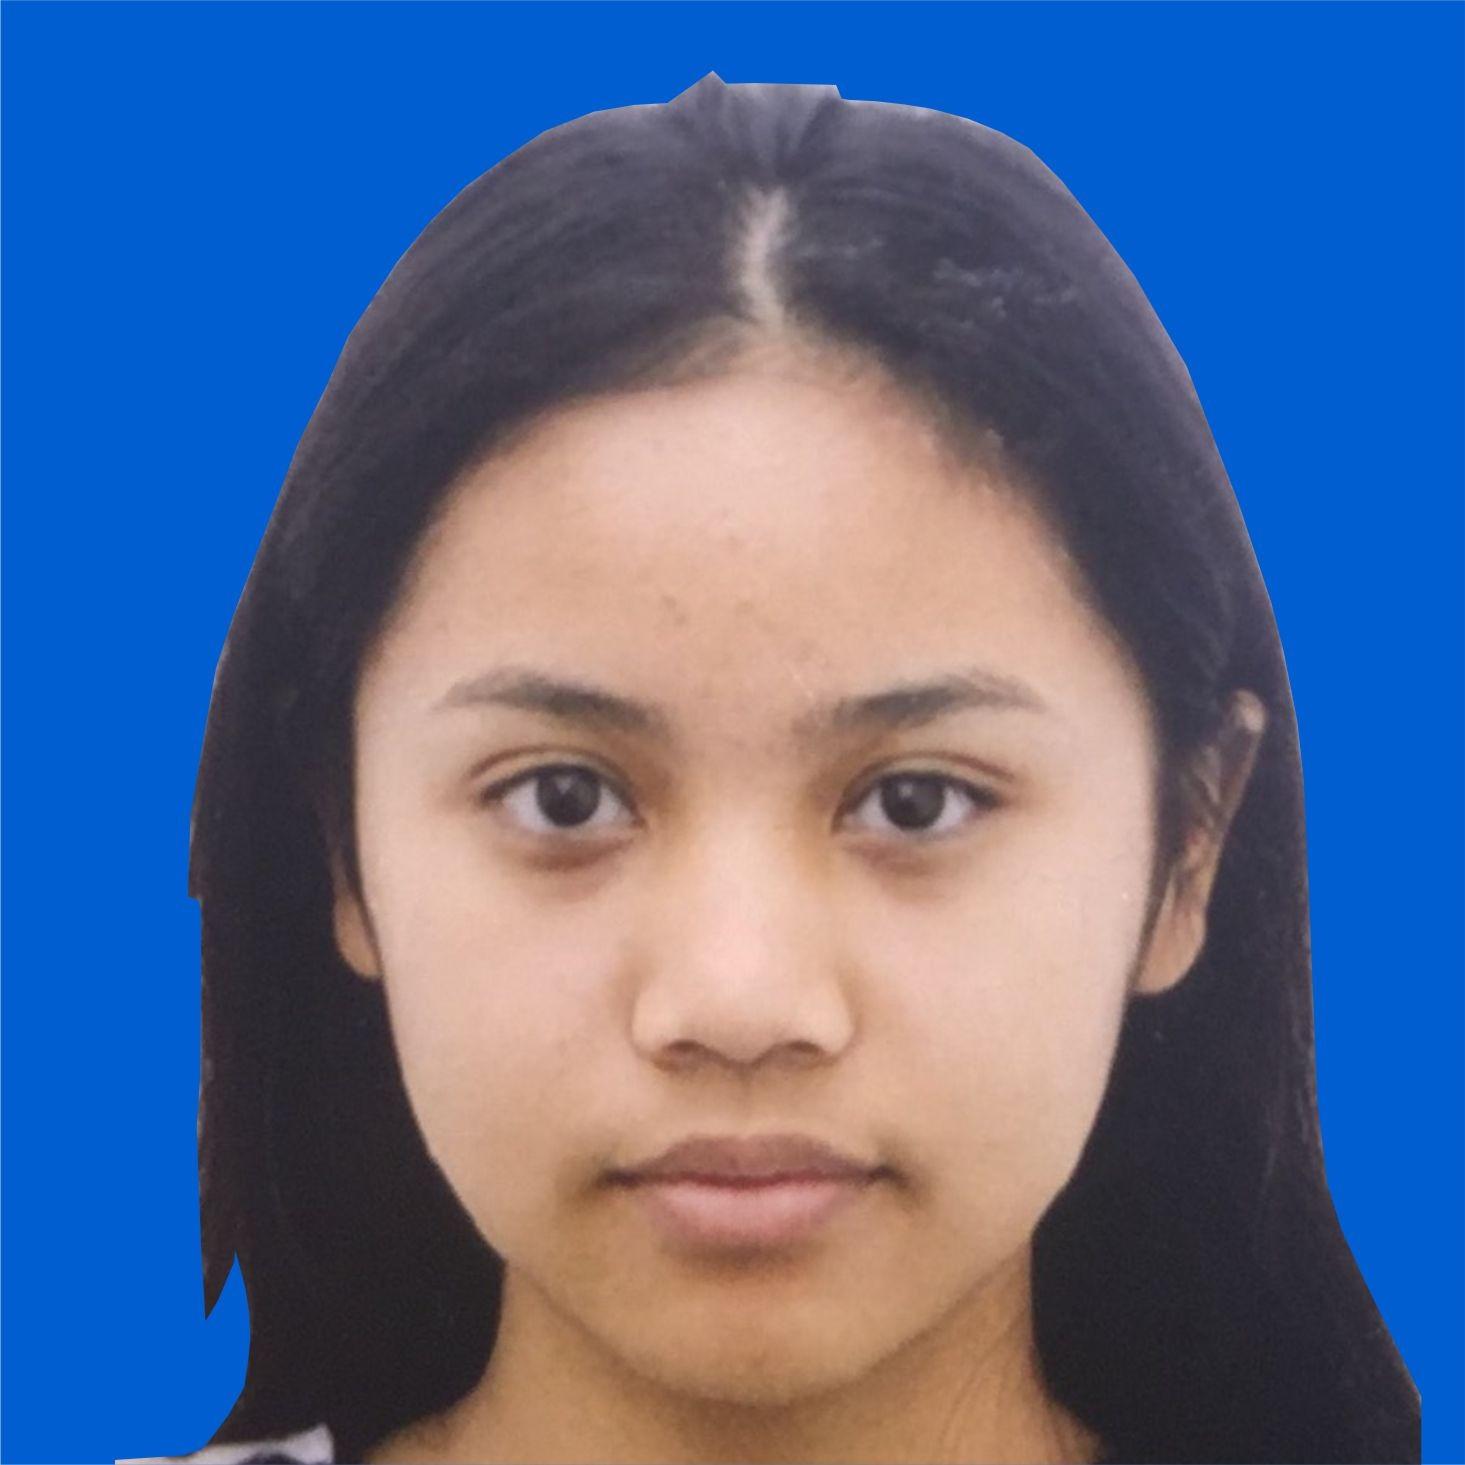 Mikaila Jessy Azzahra